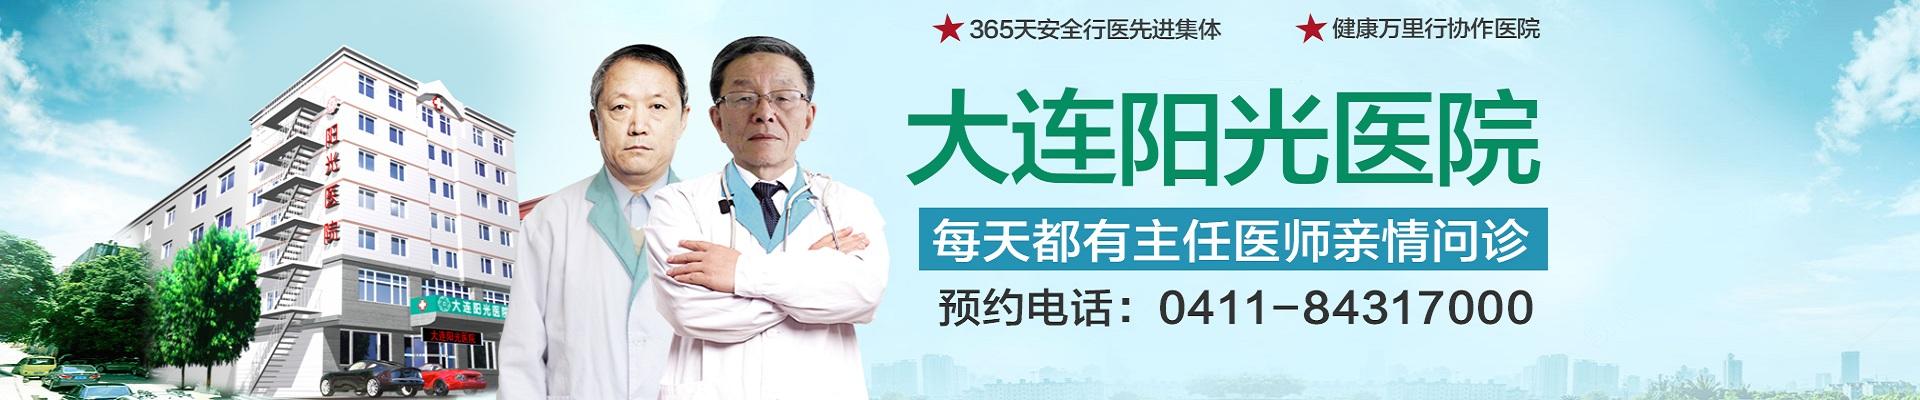 赤峰协和医院